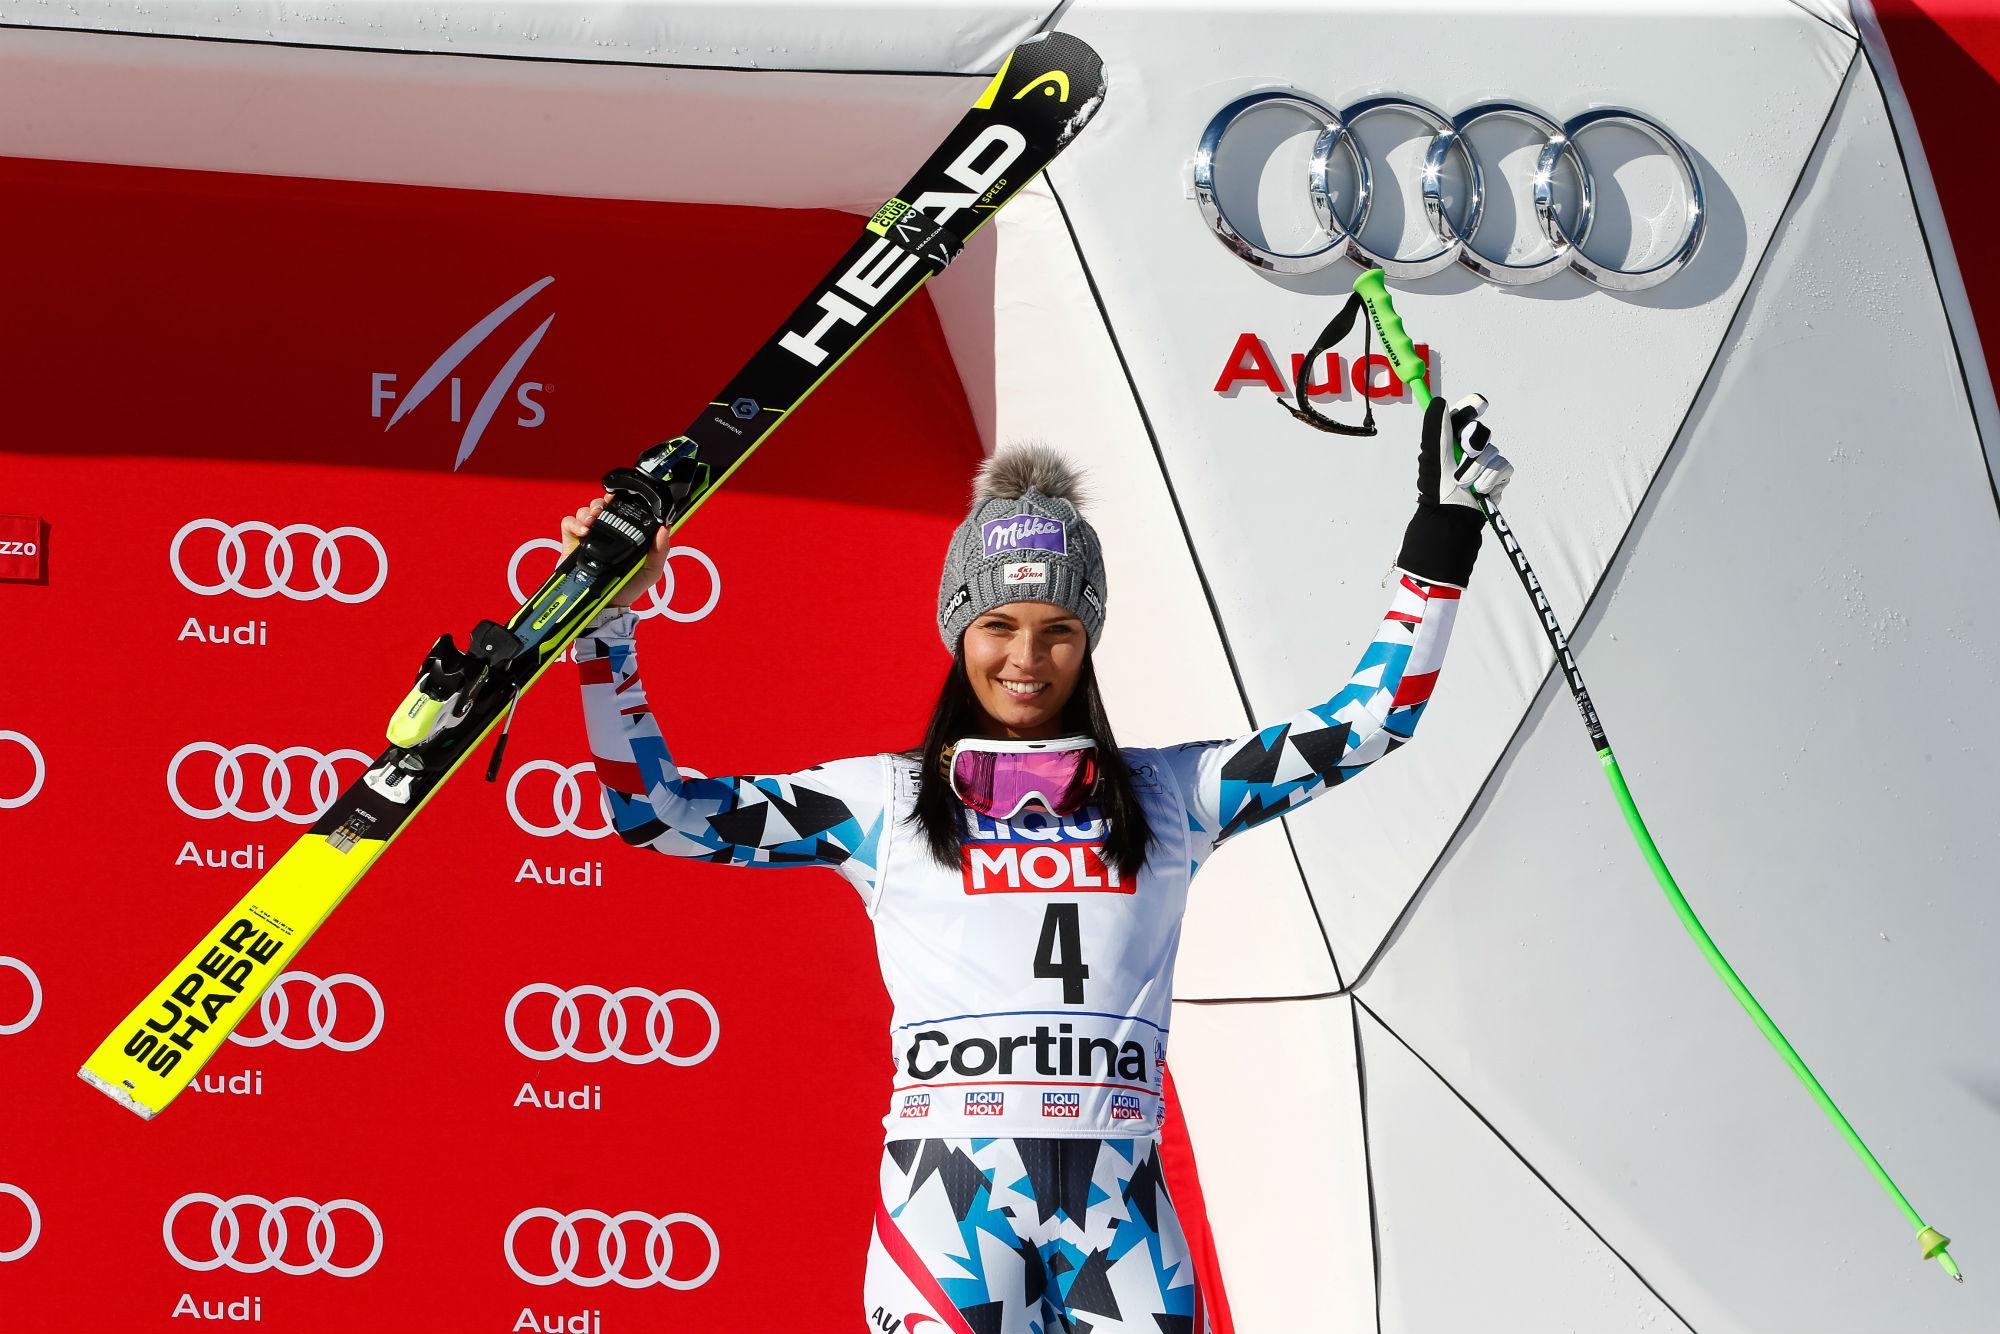 Anna Veith, podio n° 44 in Coppa del Mondo (@Zoom agence)